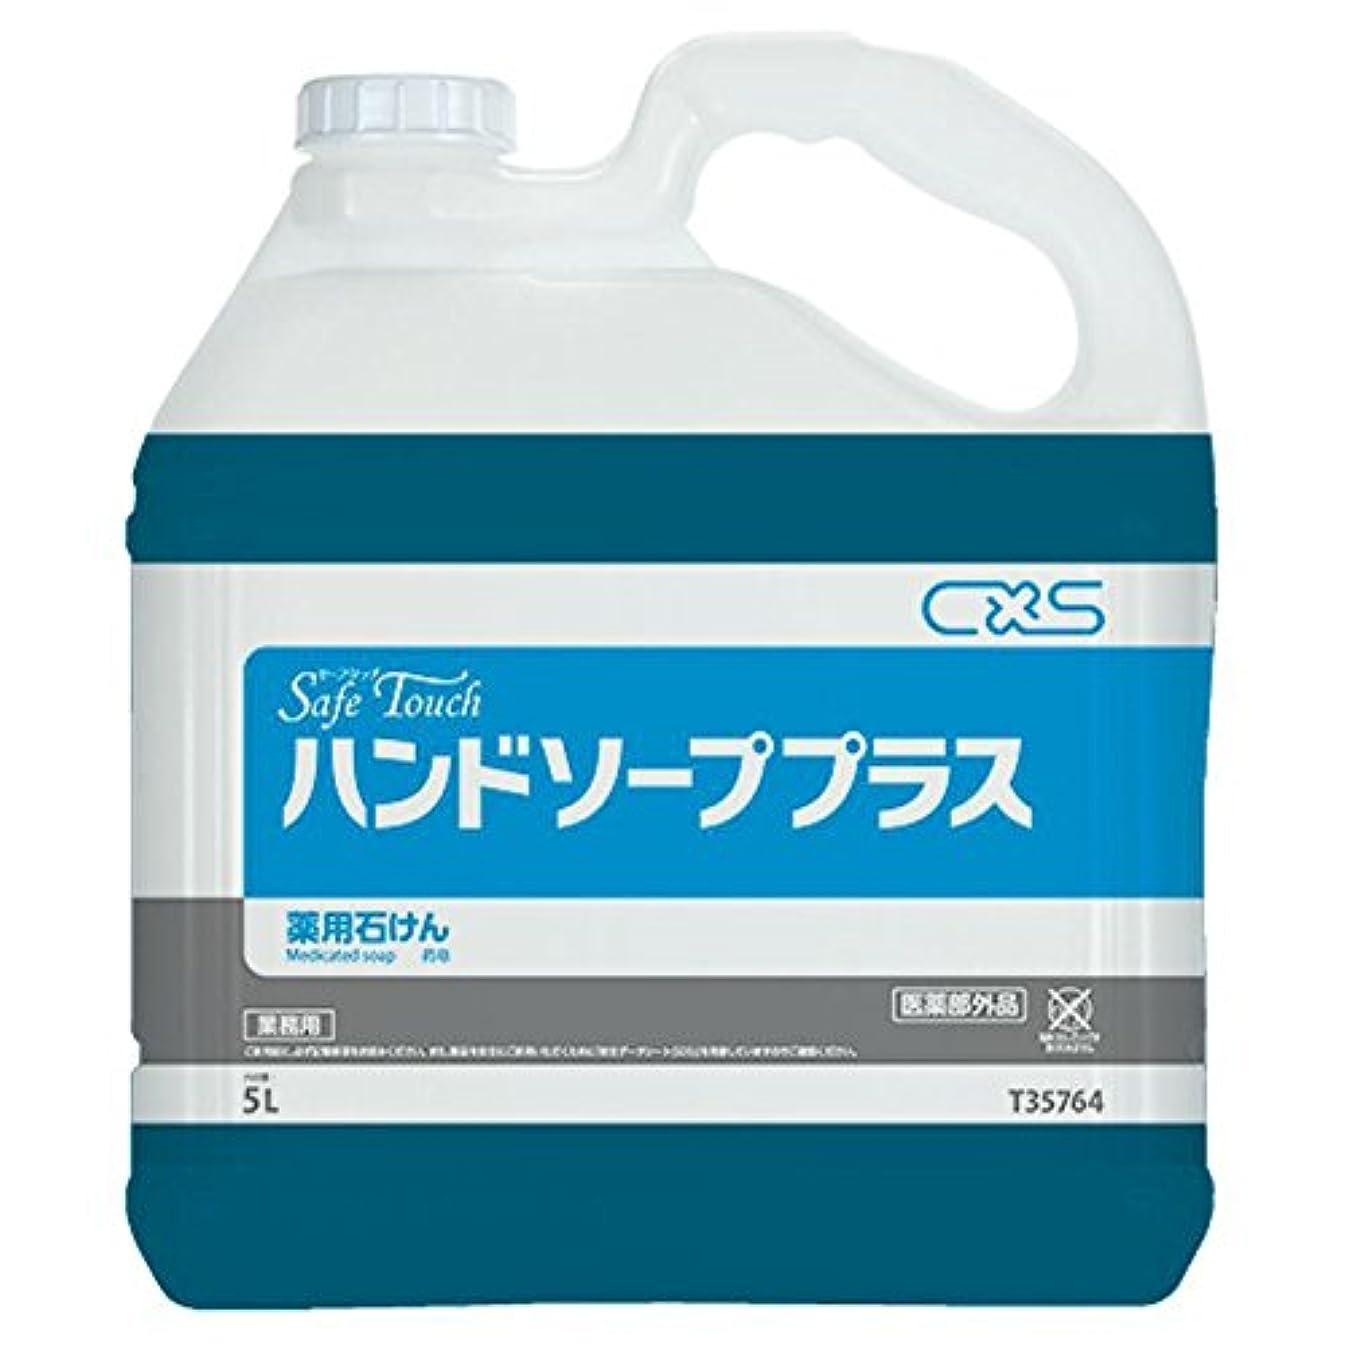 テナント横向き懲戒シーバイエス(C×S) 手洗い用石鹸 セーフタッチハンドソーププラス 5L